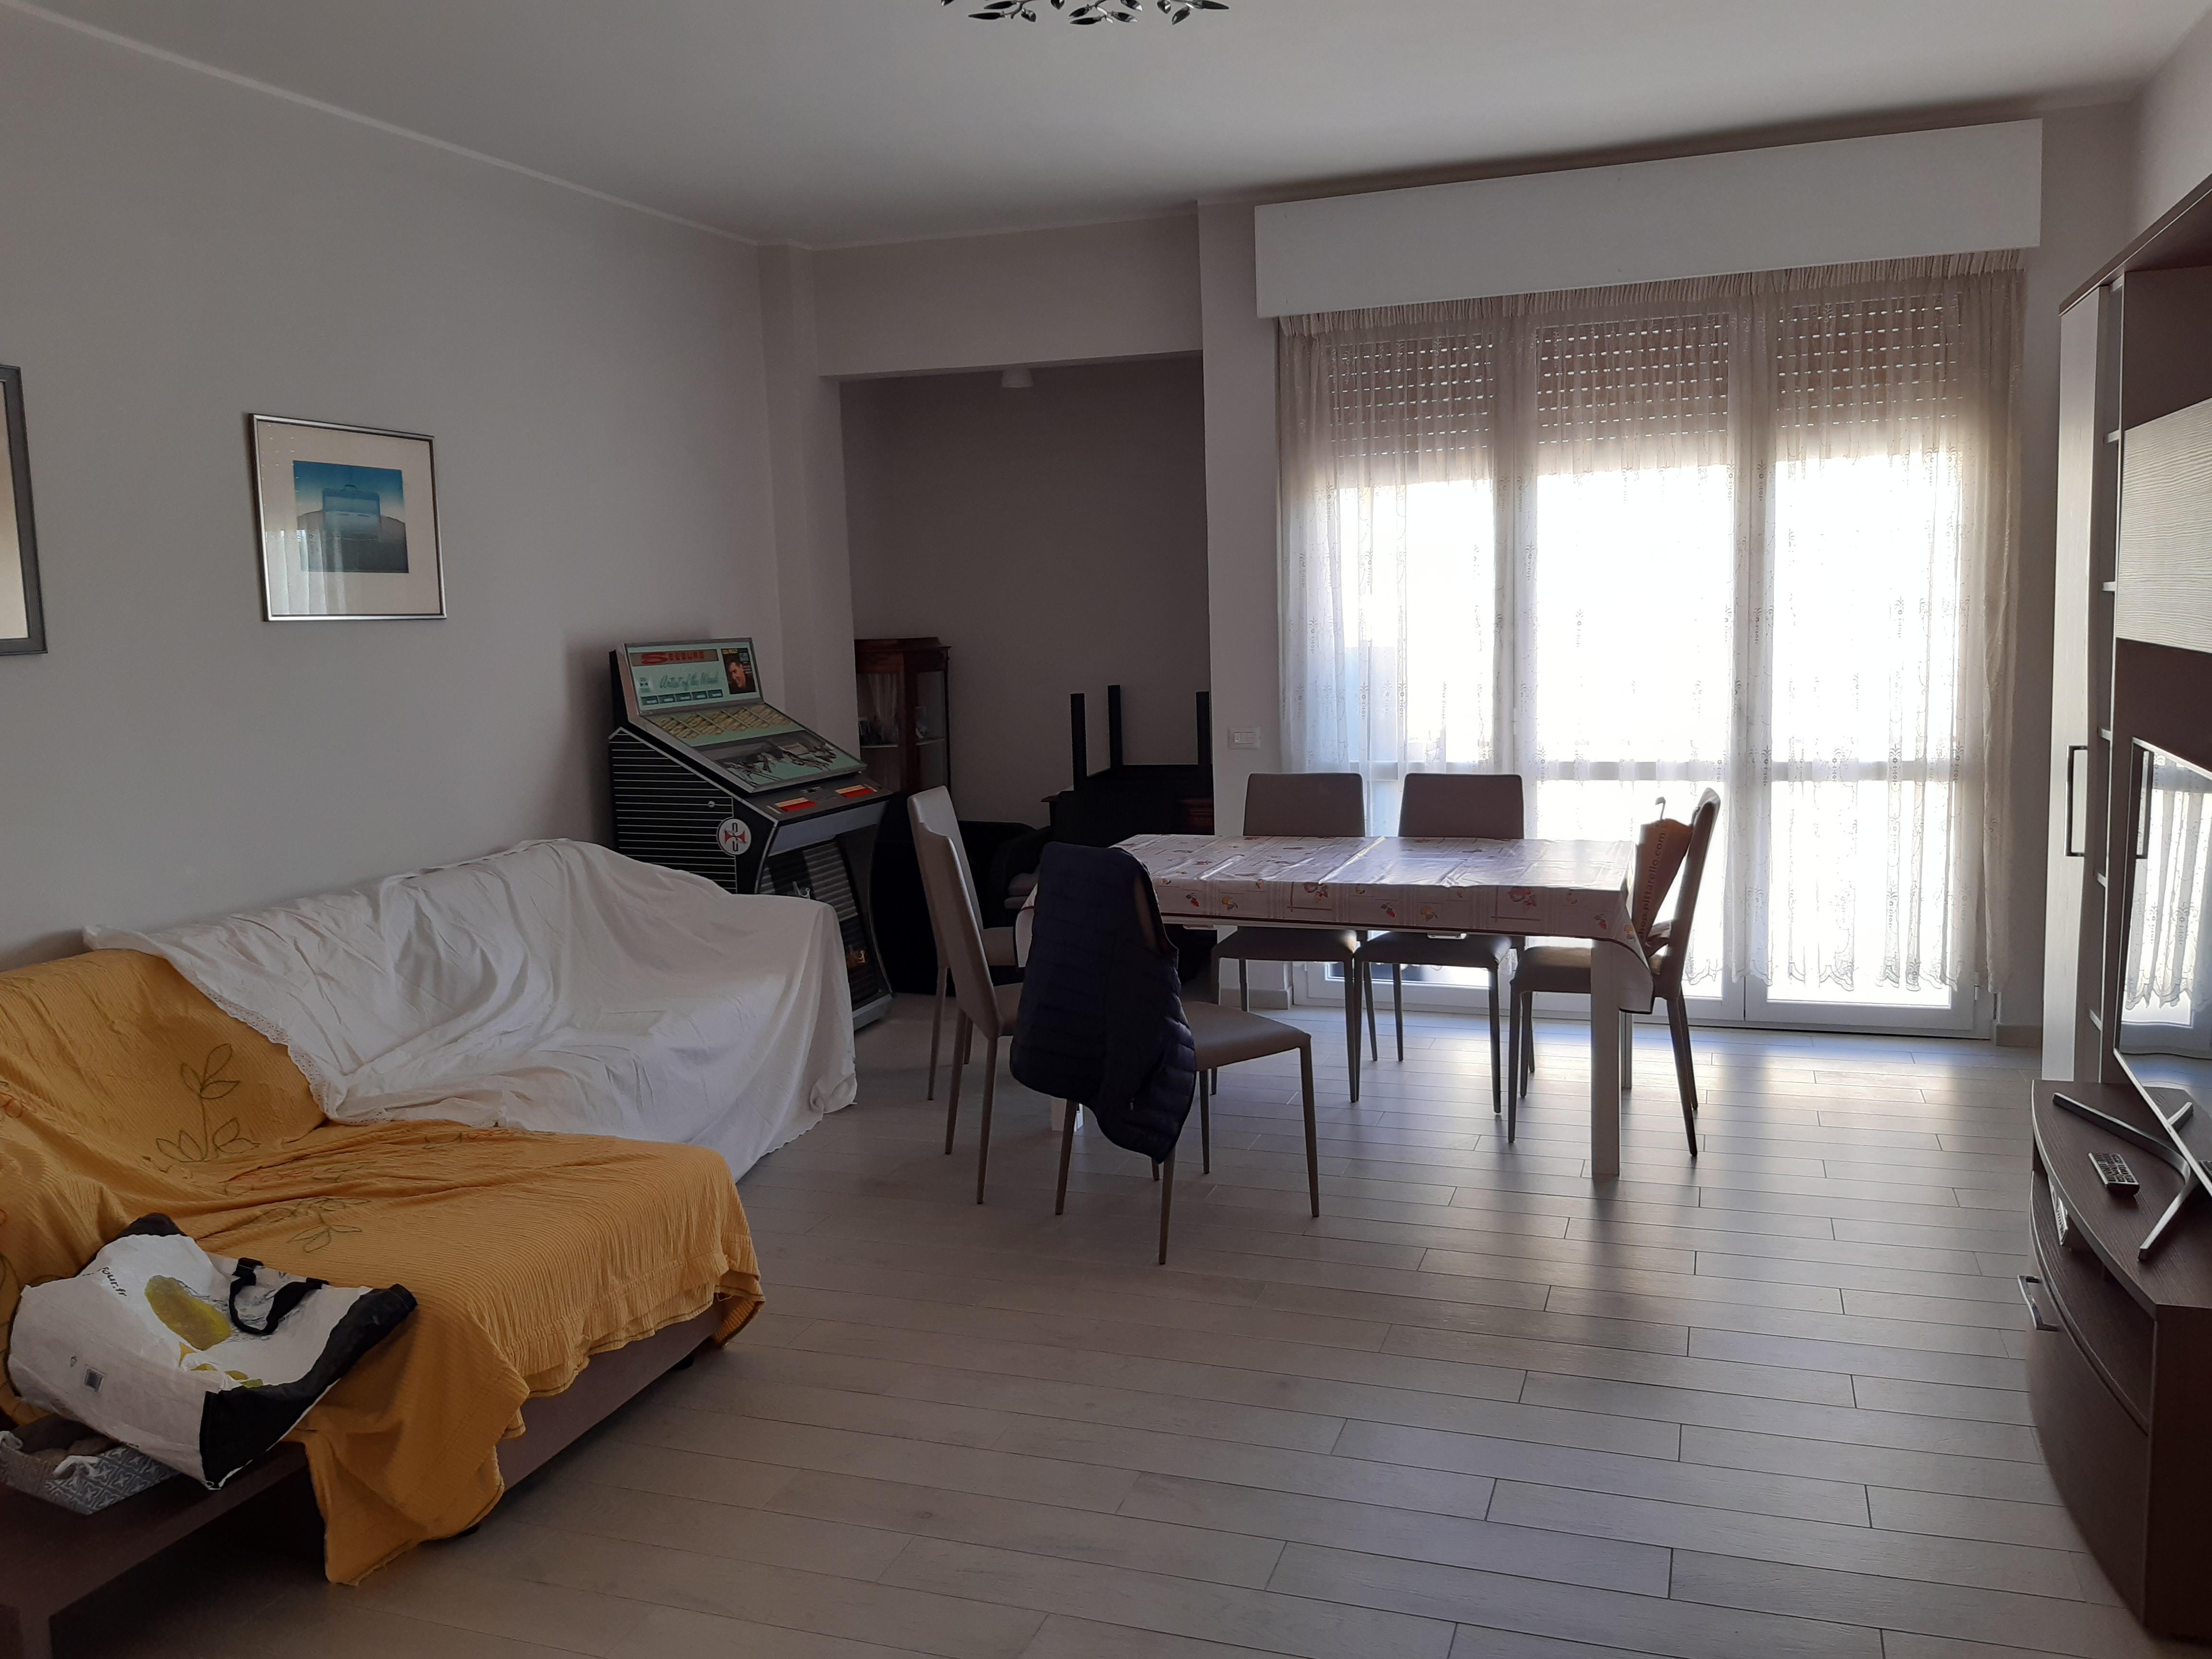 Apartment 108 sq m